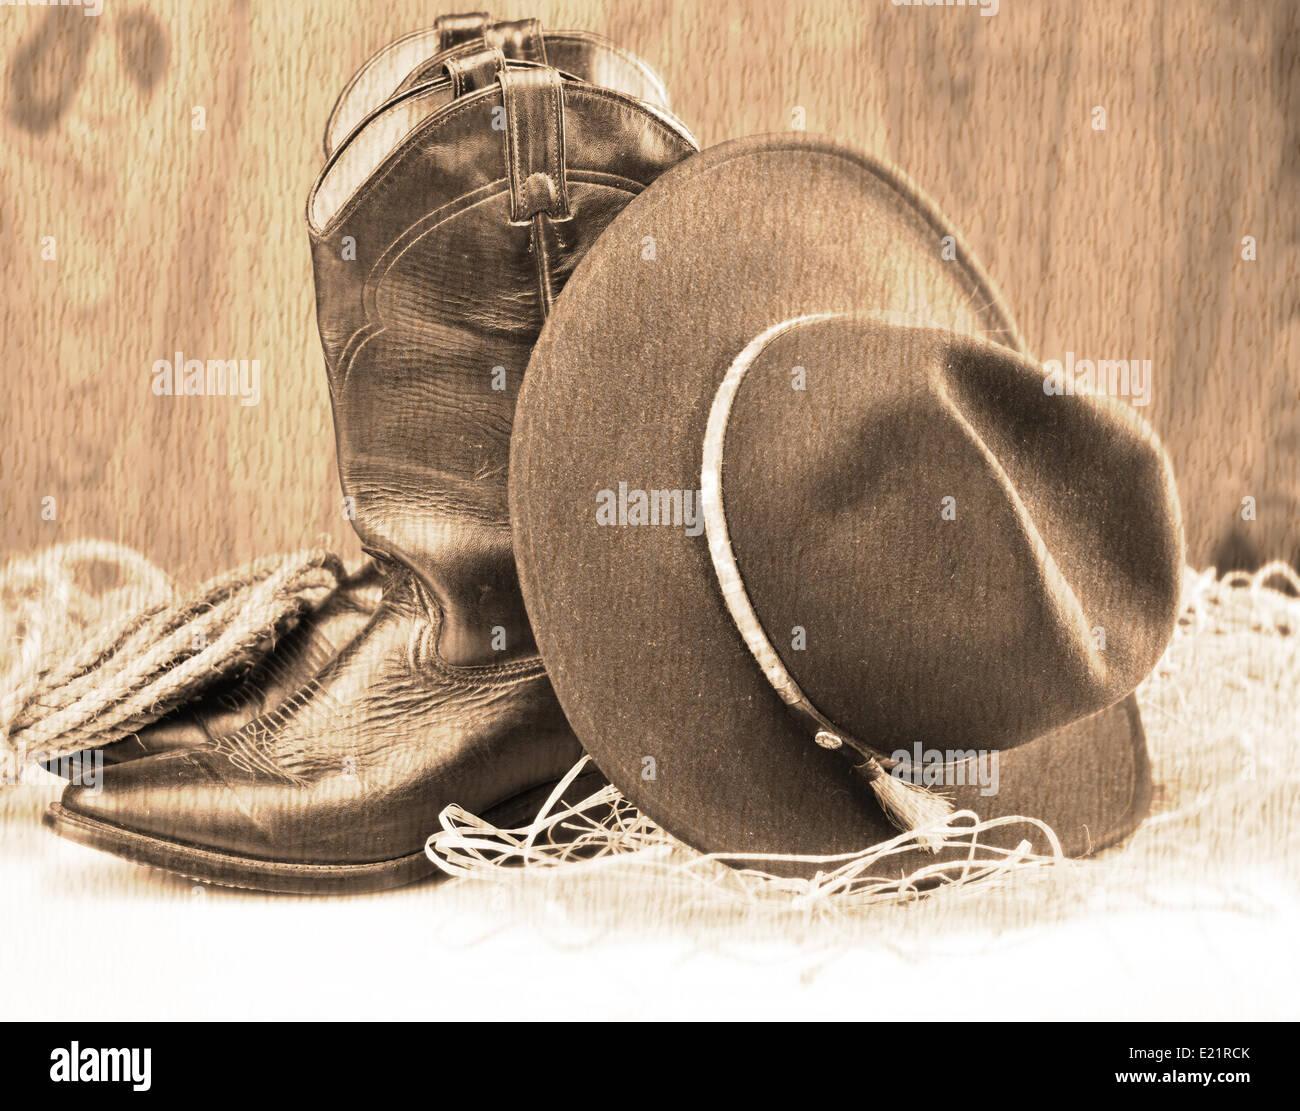 Beste Cowboy Boot Färbung Seite Fotos - Beispielzusammenfassung ...